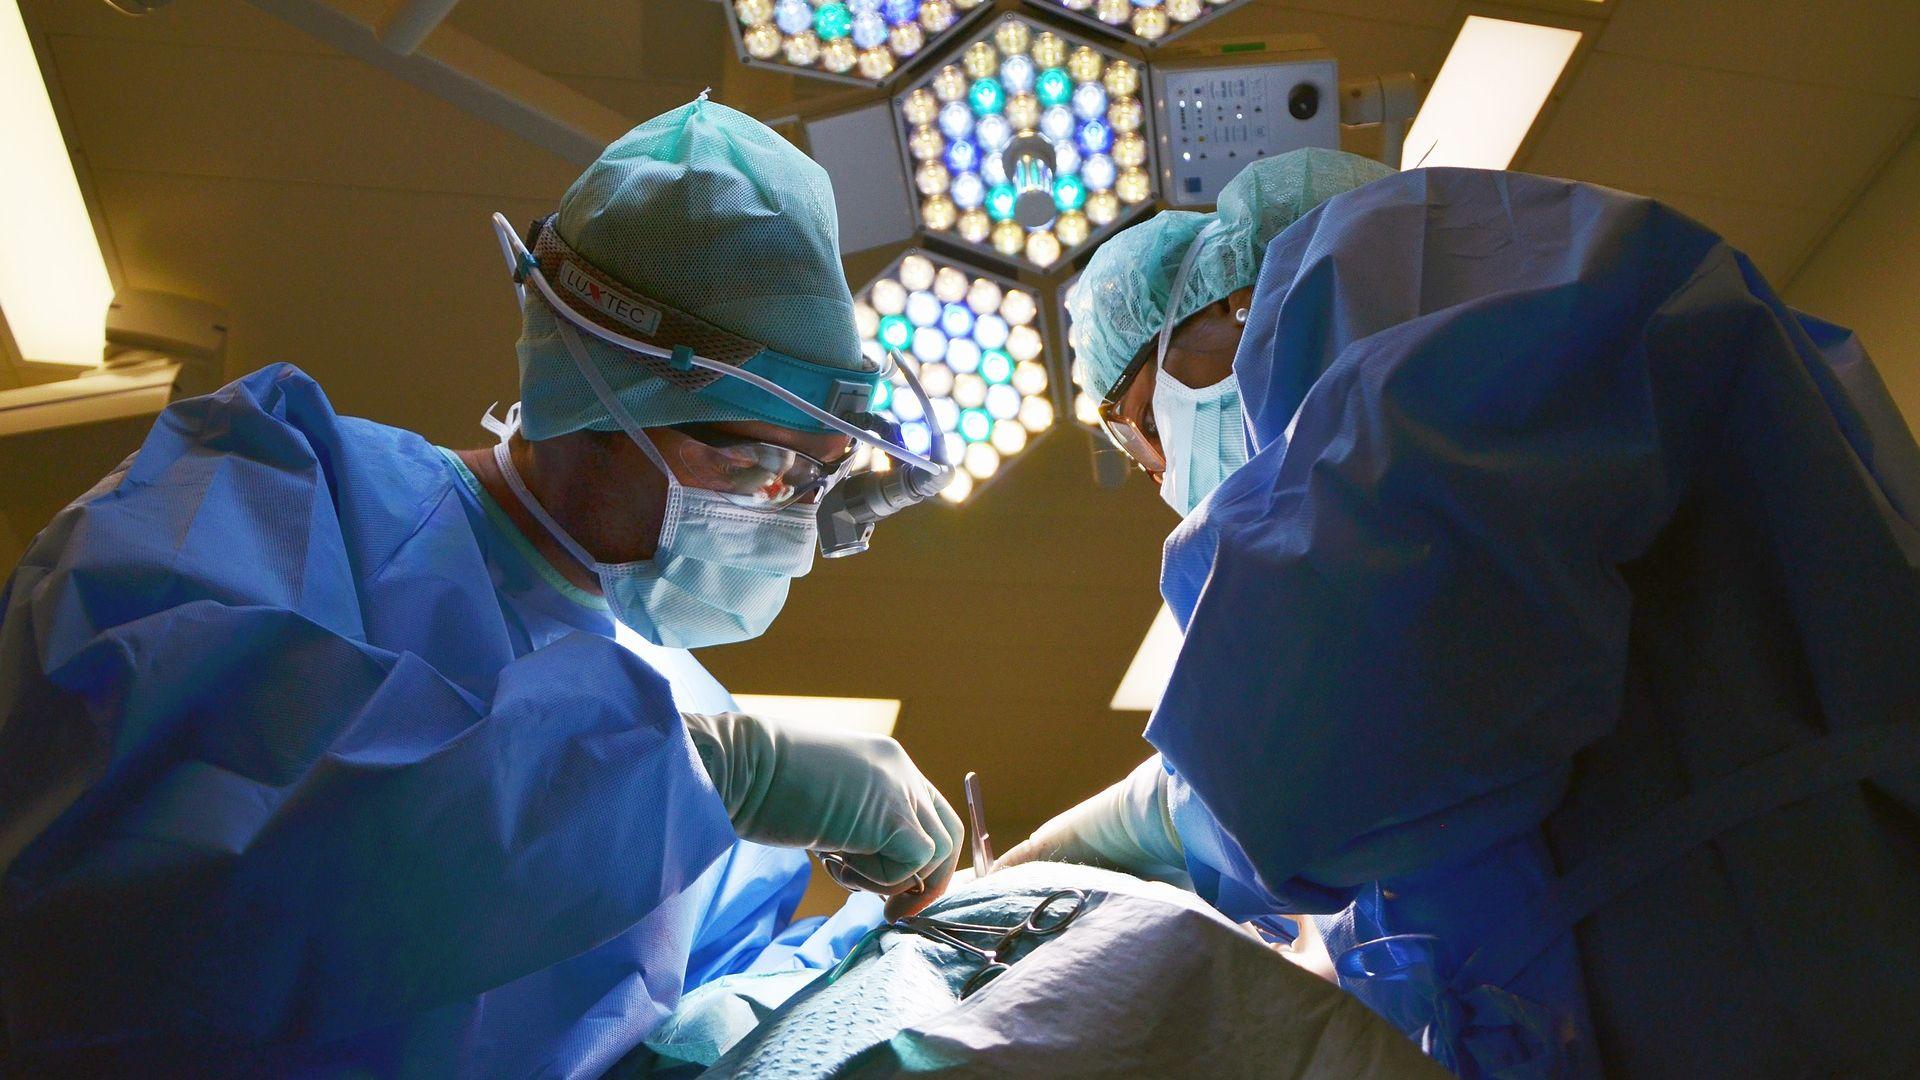 De zorg via medisch specialisten is in 2017 aanzienlijk verschoven. Dat heeft Dutch Hospital Data in kaart gebracht. Hieronder de belangrijkste wijzigingen.